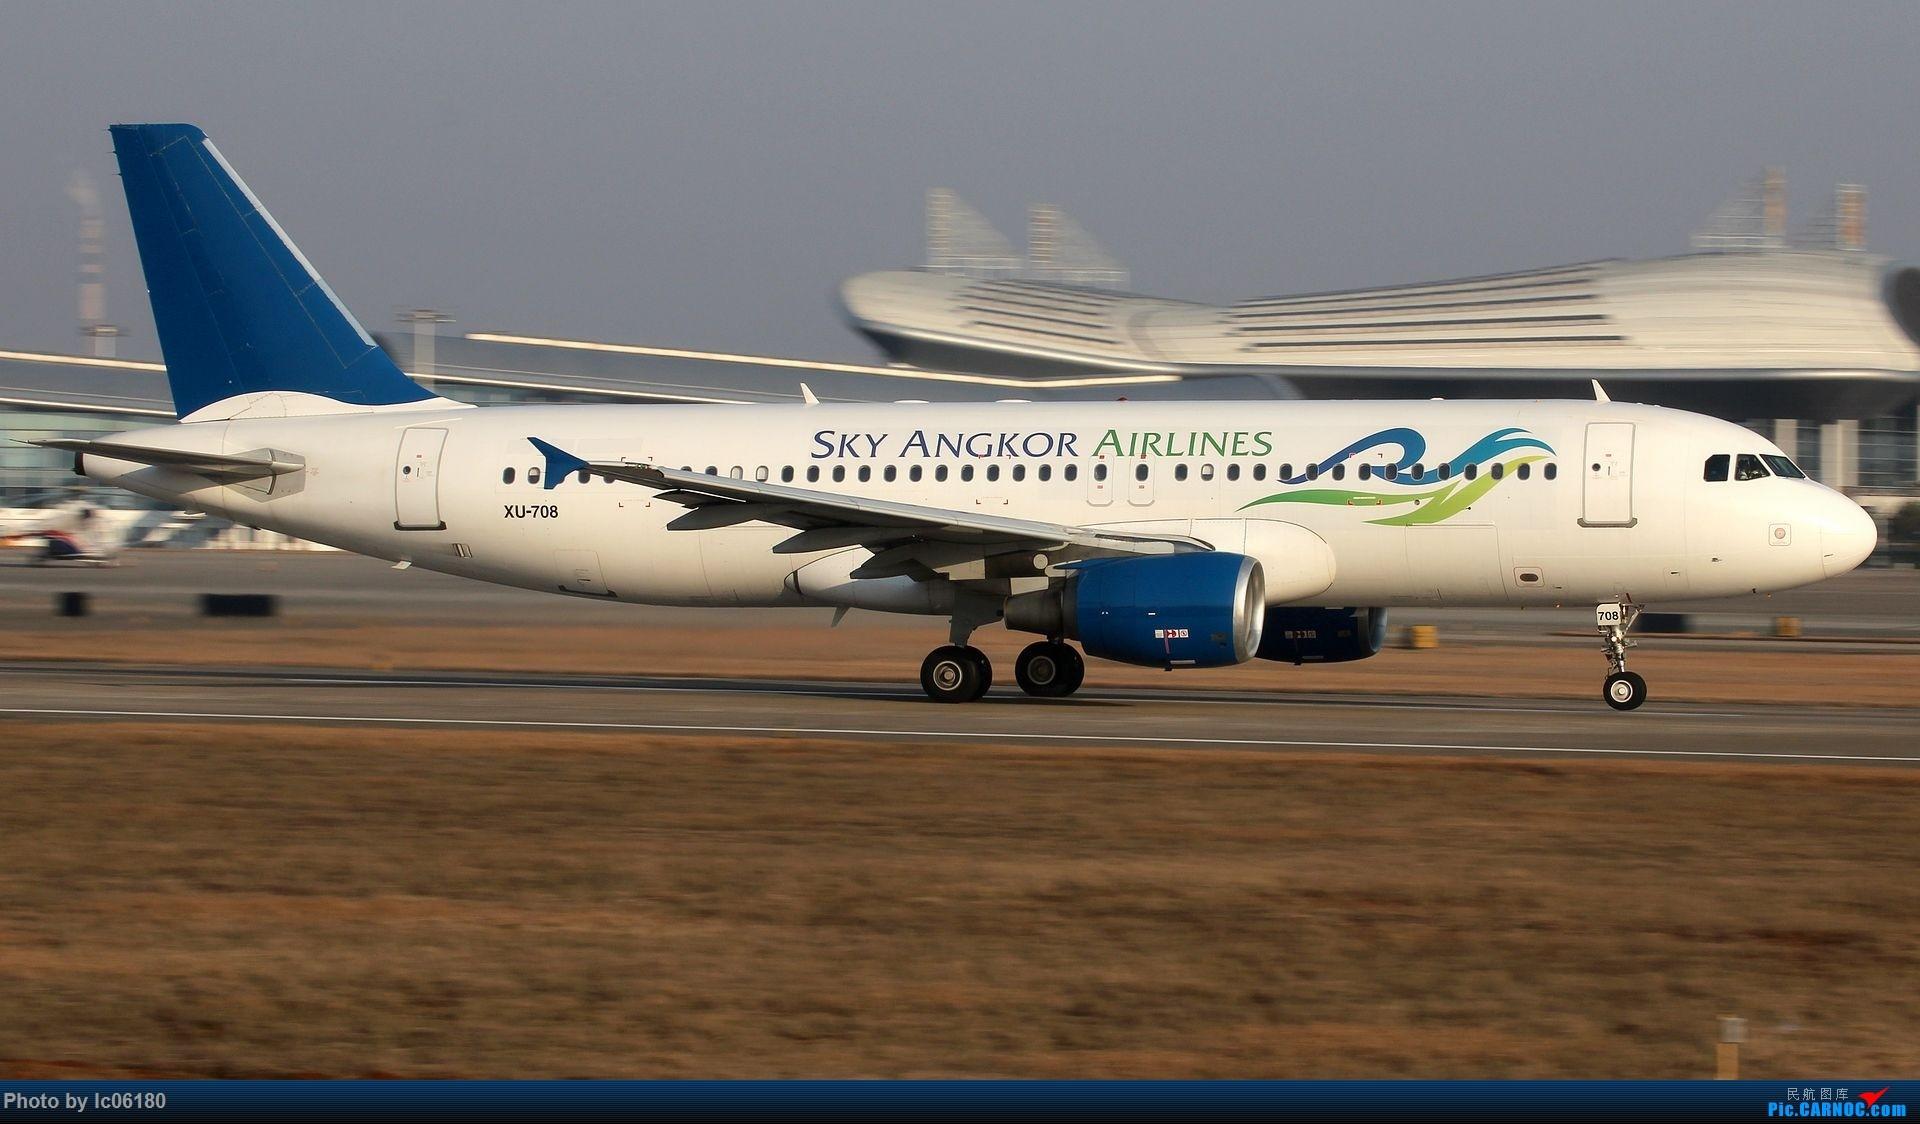 Re:[原创]『KHN』- 昌北的日常 AIRBUS A320-200 XU-708 中国南昌昌北国际机场